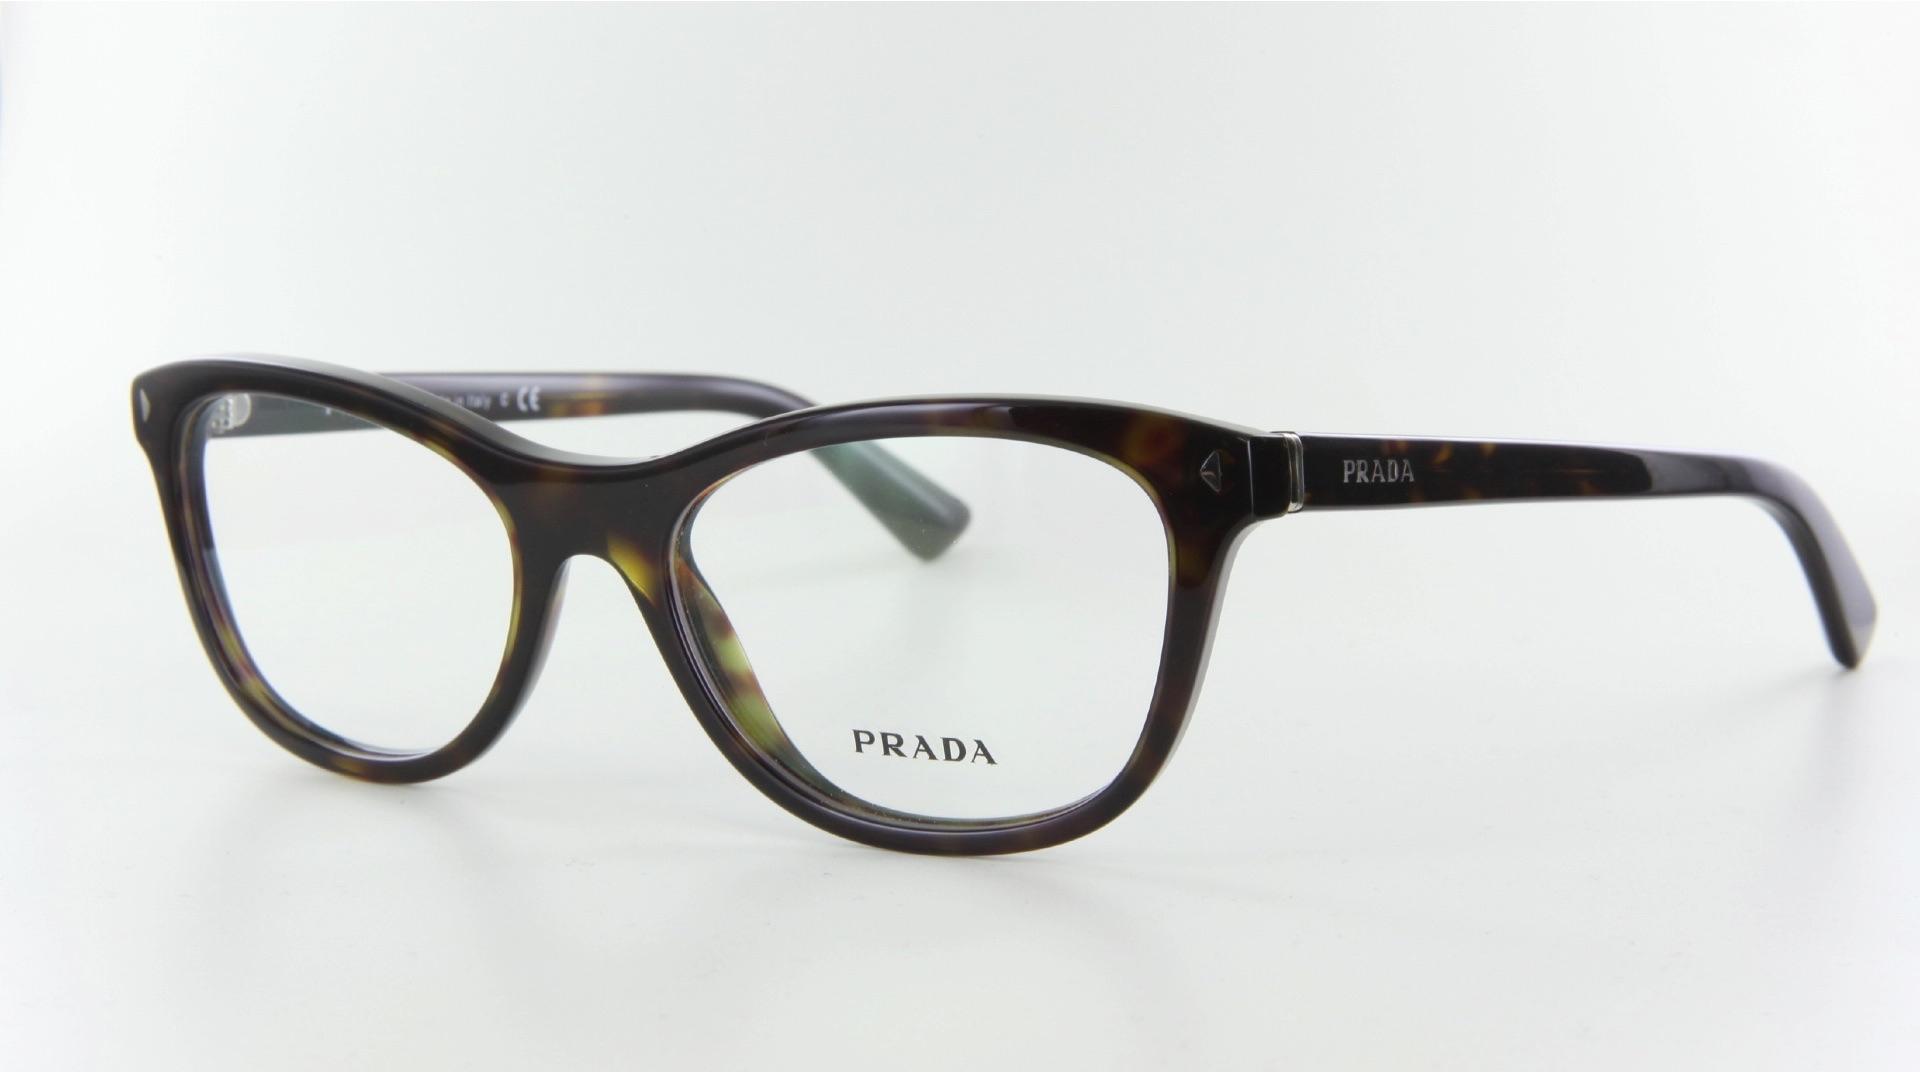 Prada - ref: 71845